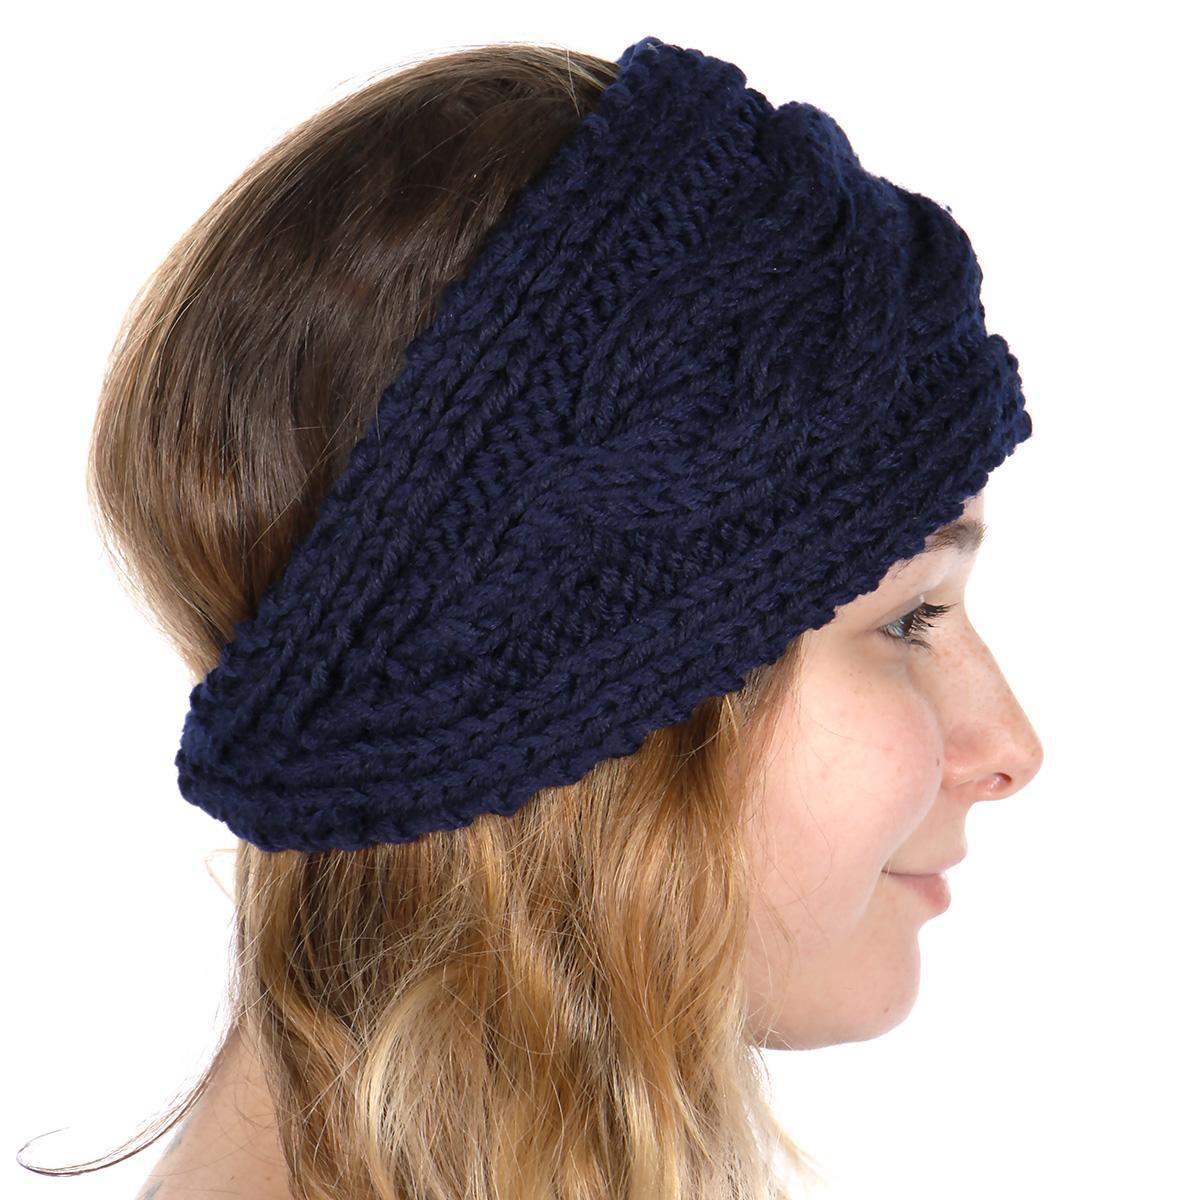 wholesale U55E Cable knit HEADBAND Navy